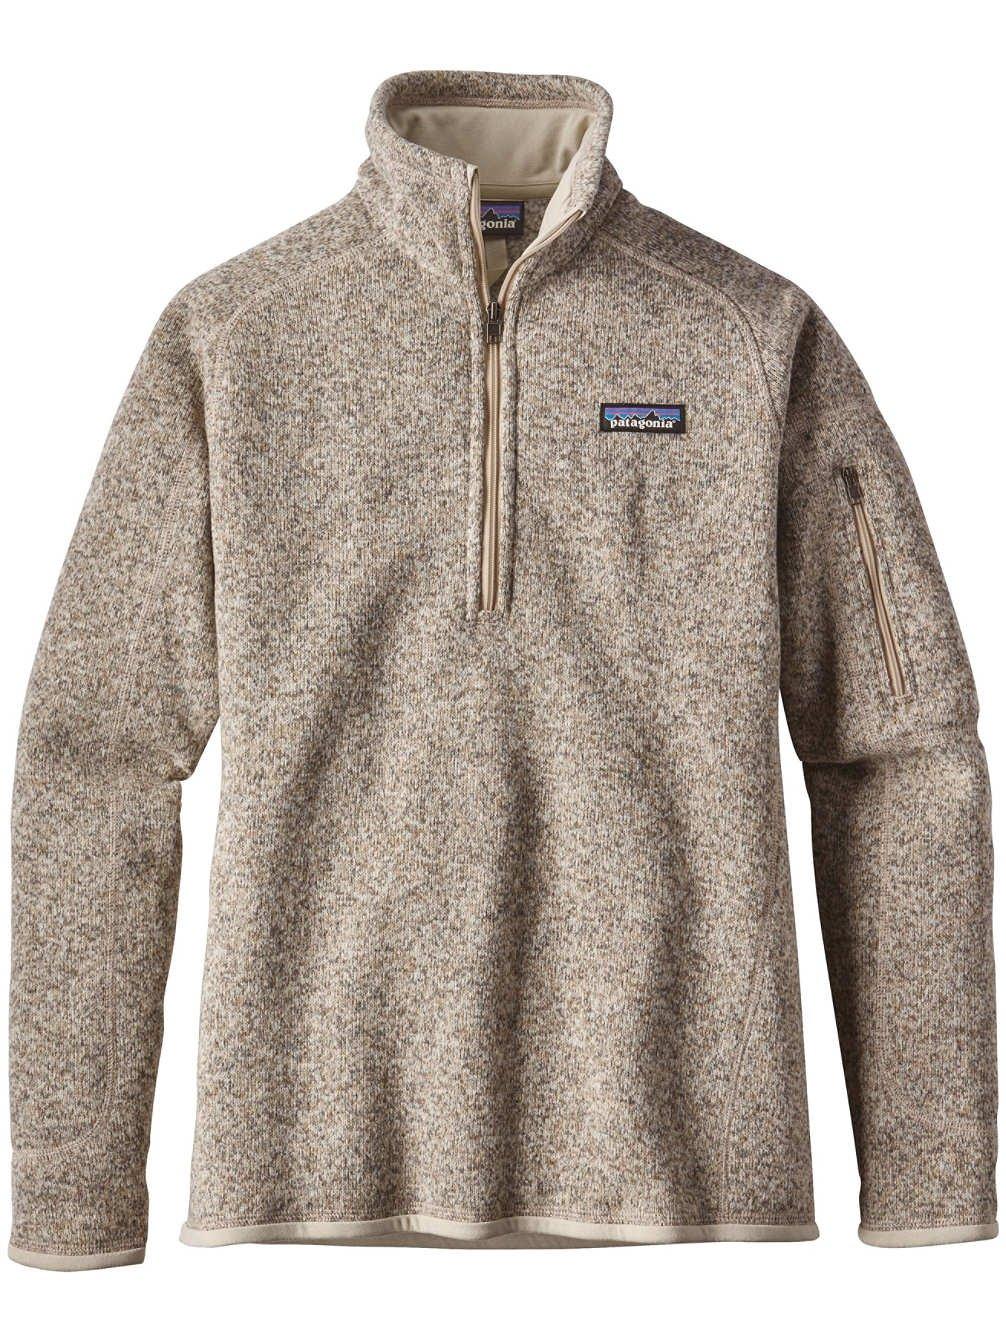 Patagonia Women's Better Sweater 1/4-Zip Fleece (Small, Pelican)